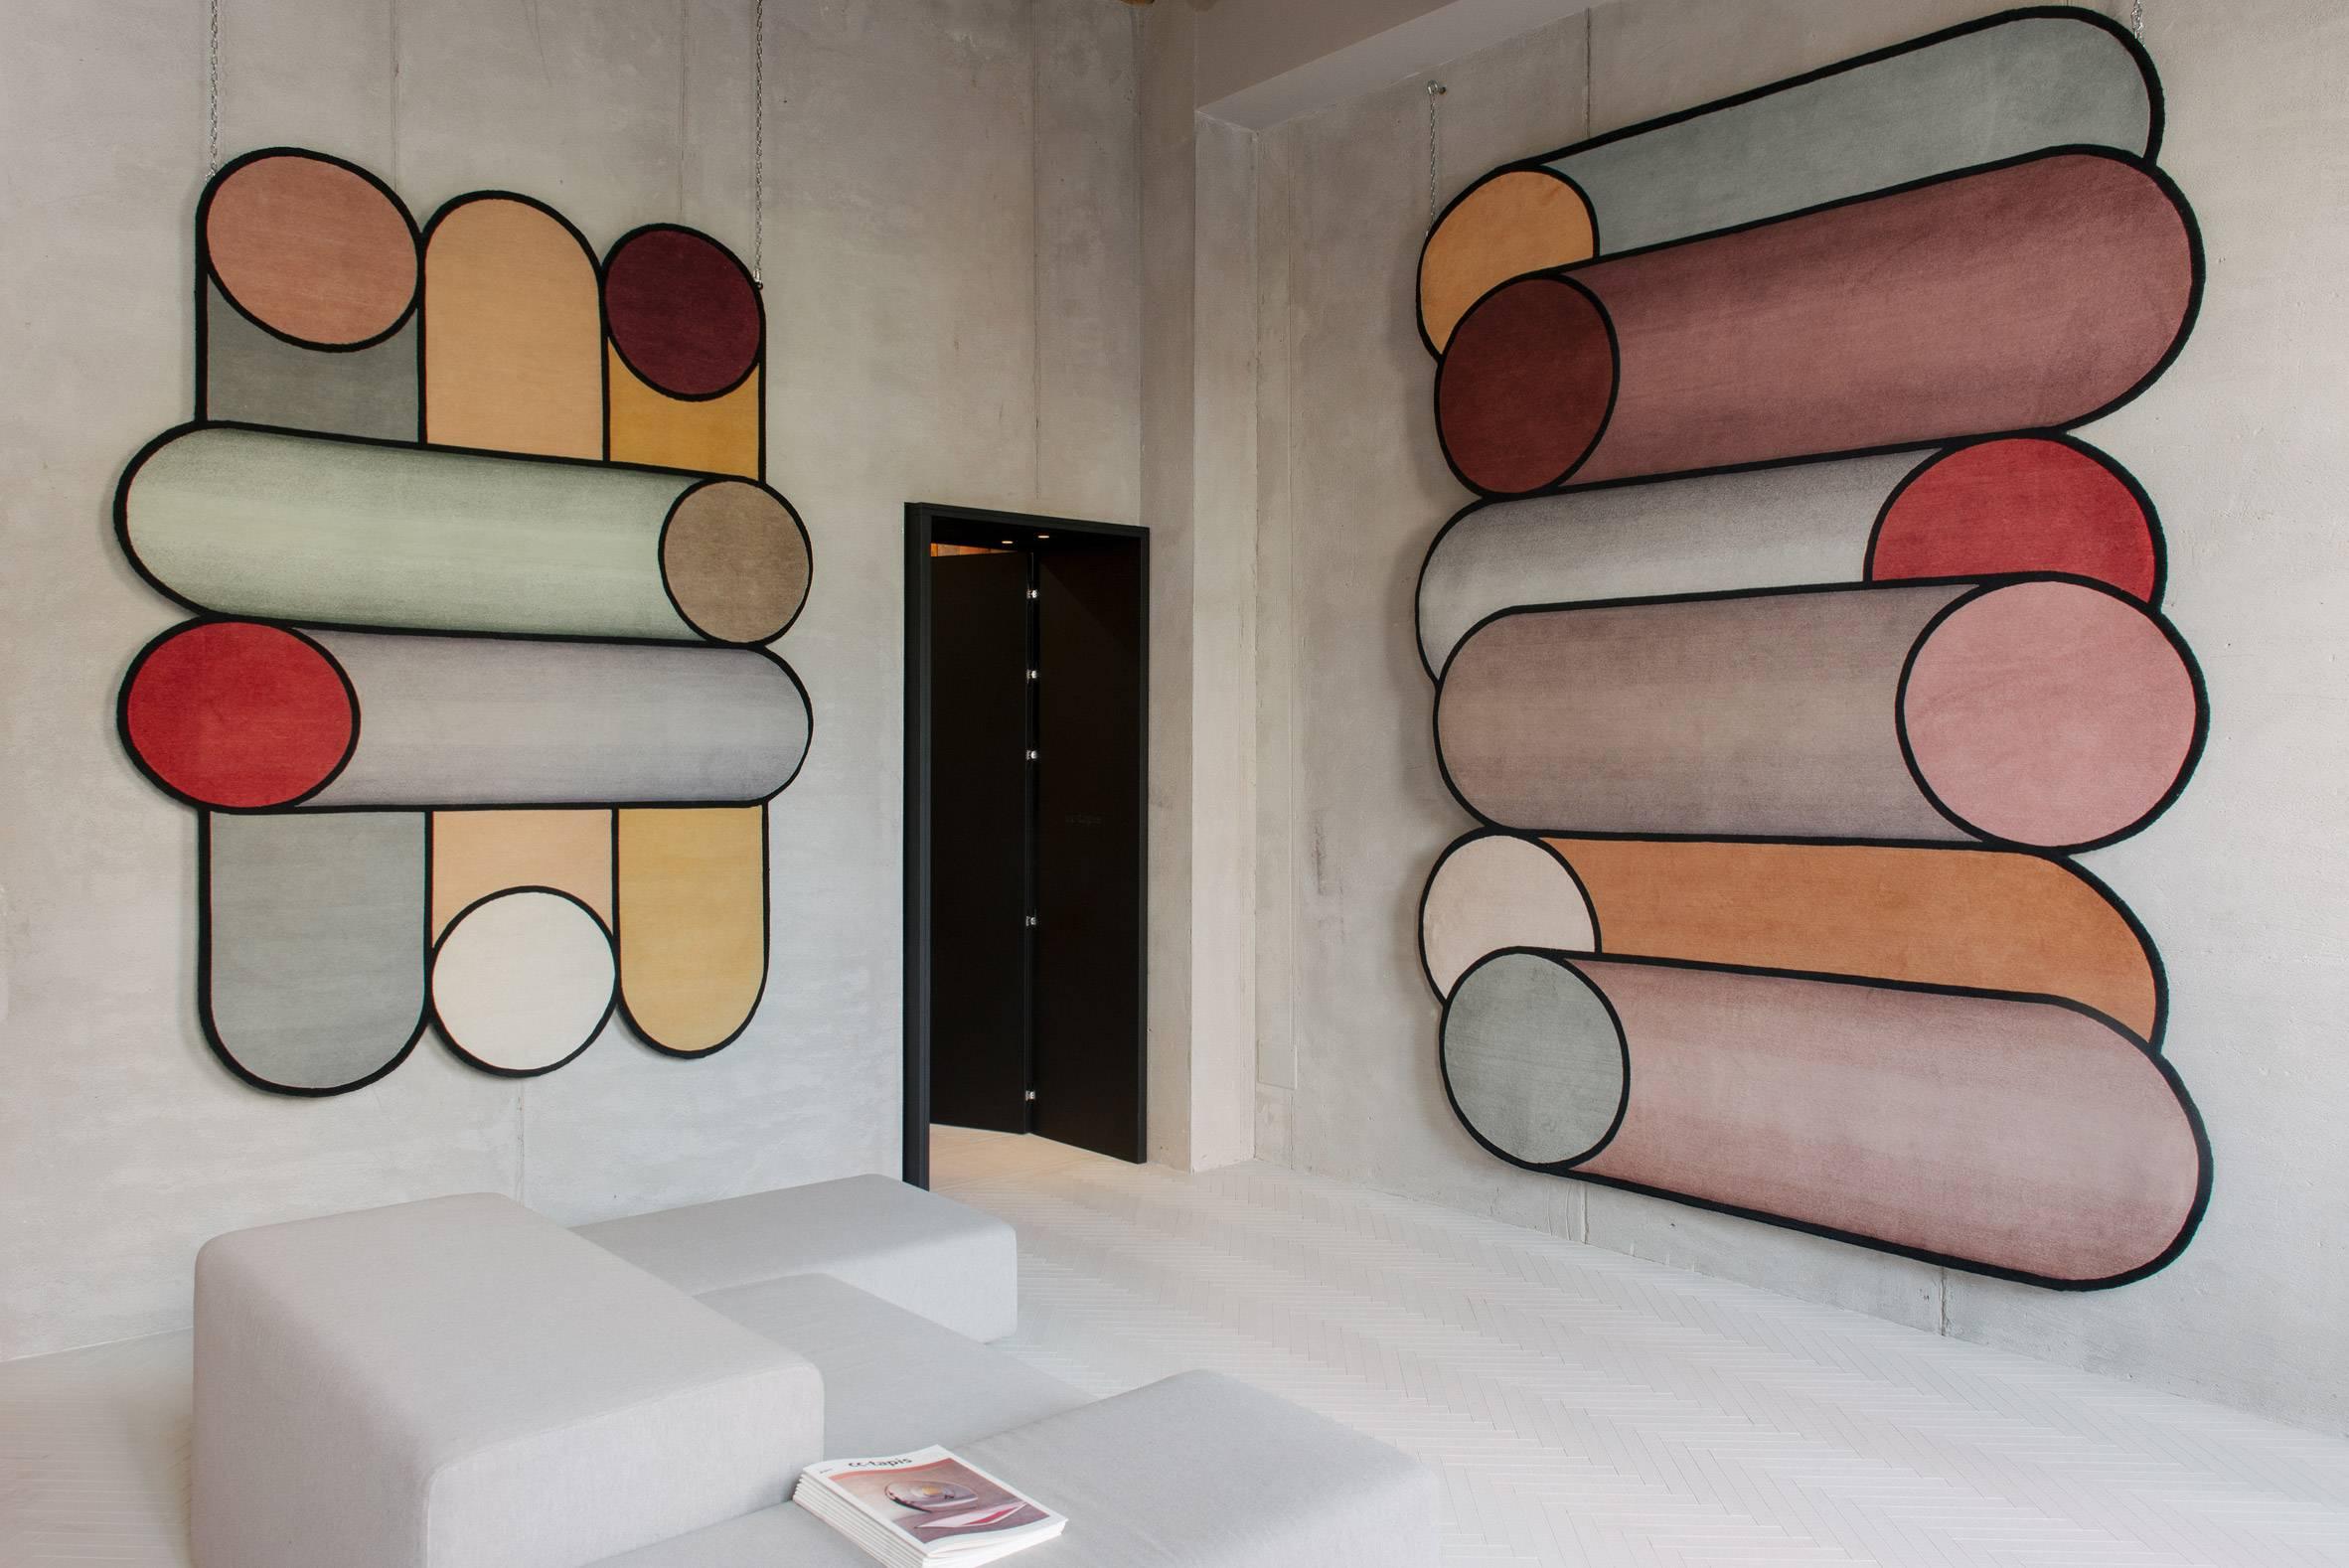 Patricia urquiola design rugs